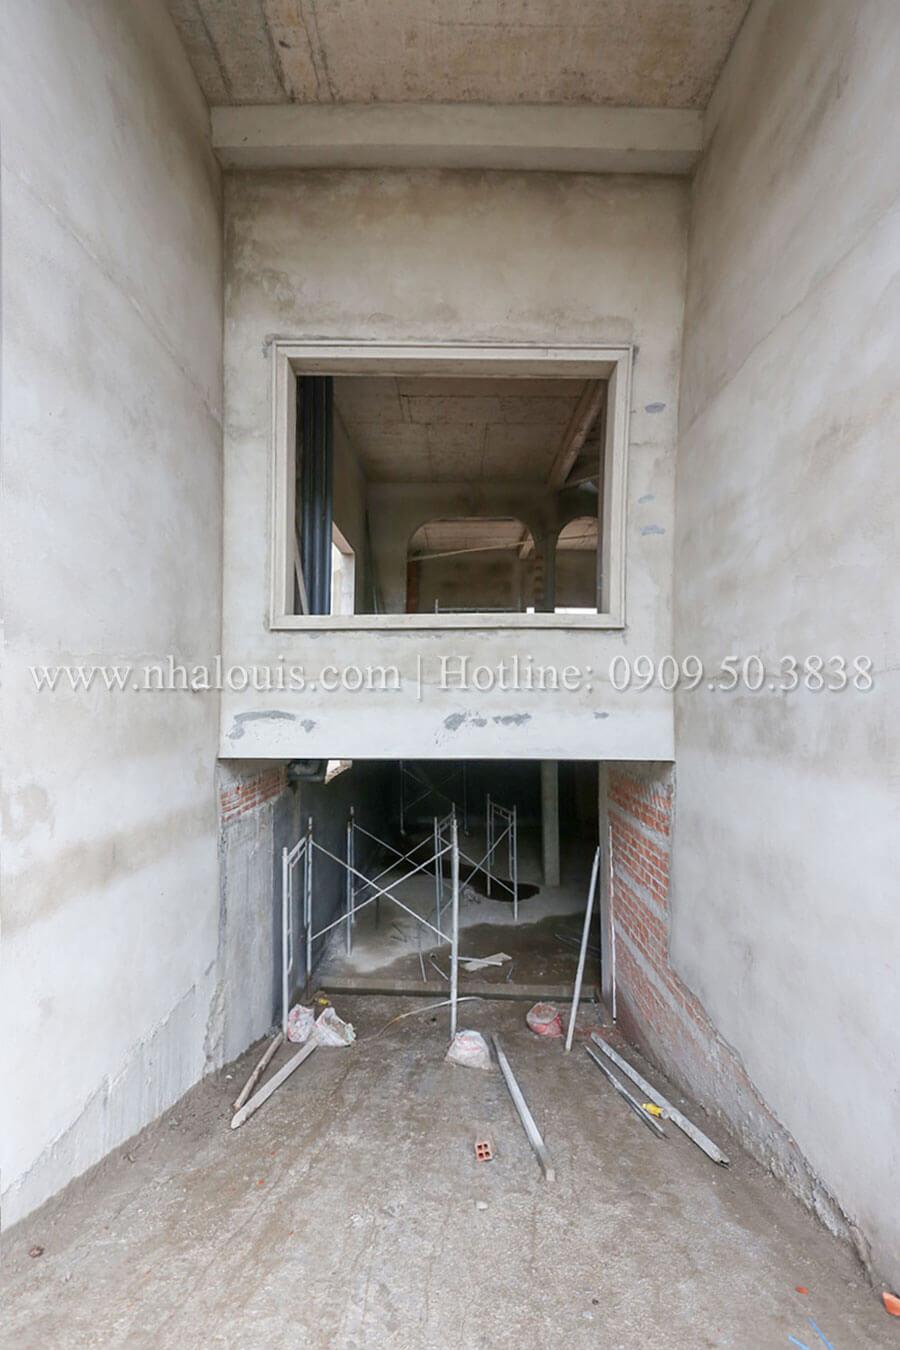 Thi công biệt thự hiện đại 3 tầng có tầng hầm đẹp tại Nhà Bè